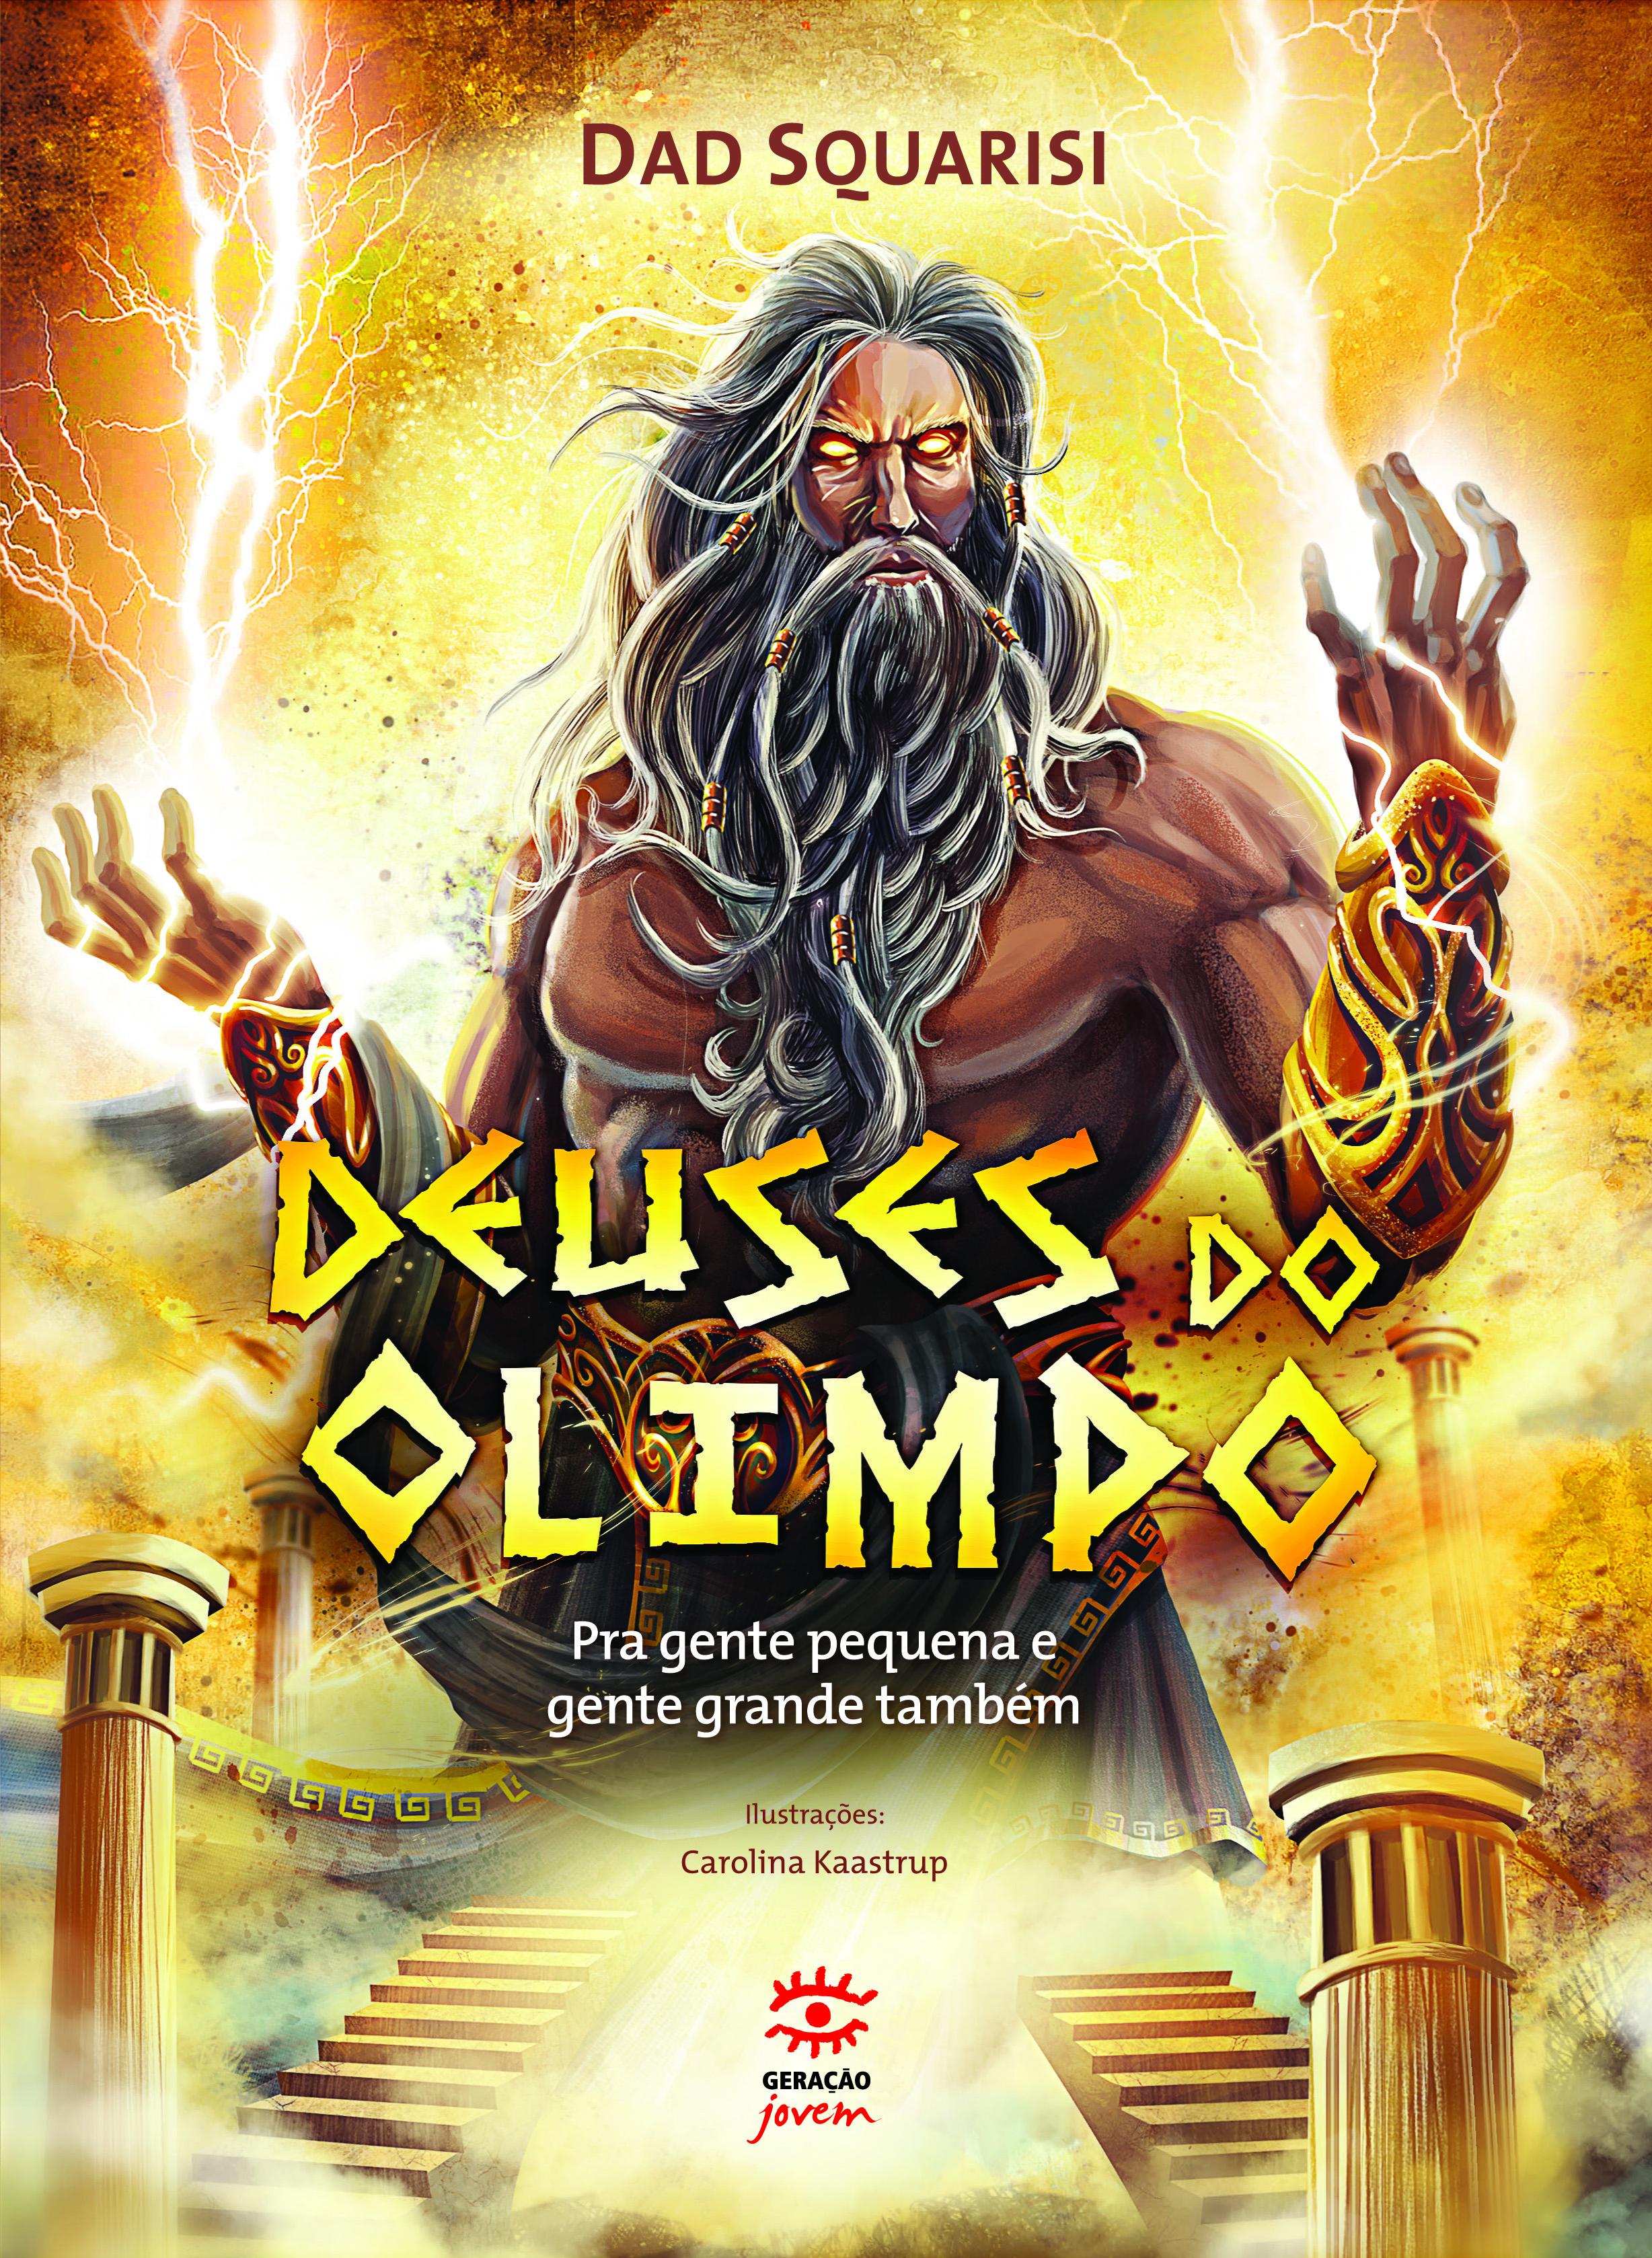 Deuses do Olimpo: Pra Gente Pequena e Gente Grande Também, livro de Dad Squarisi